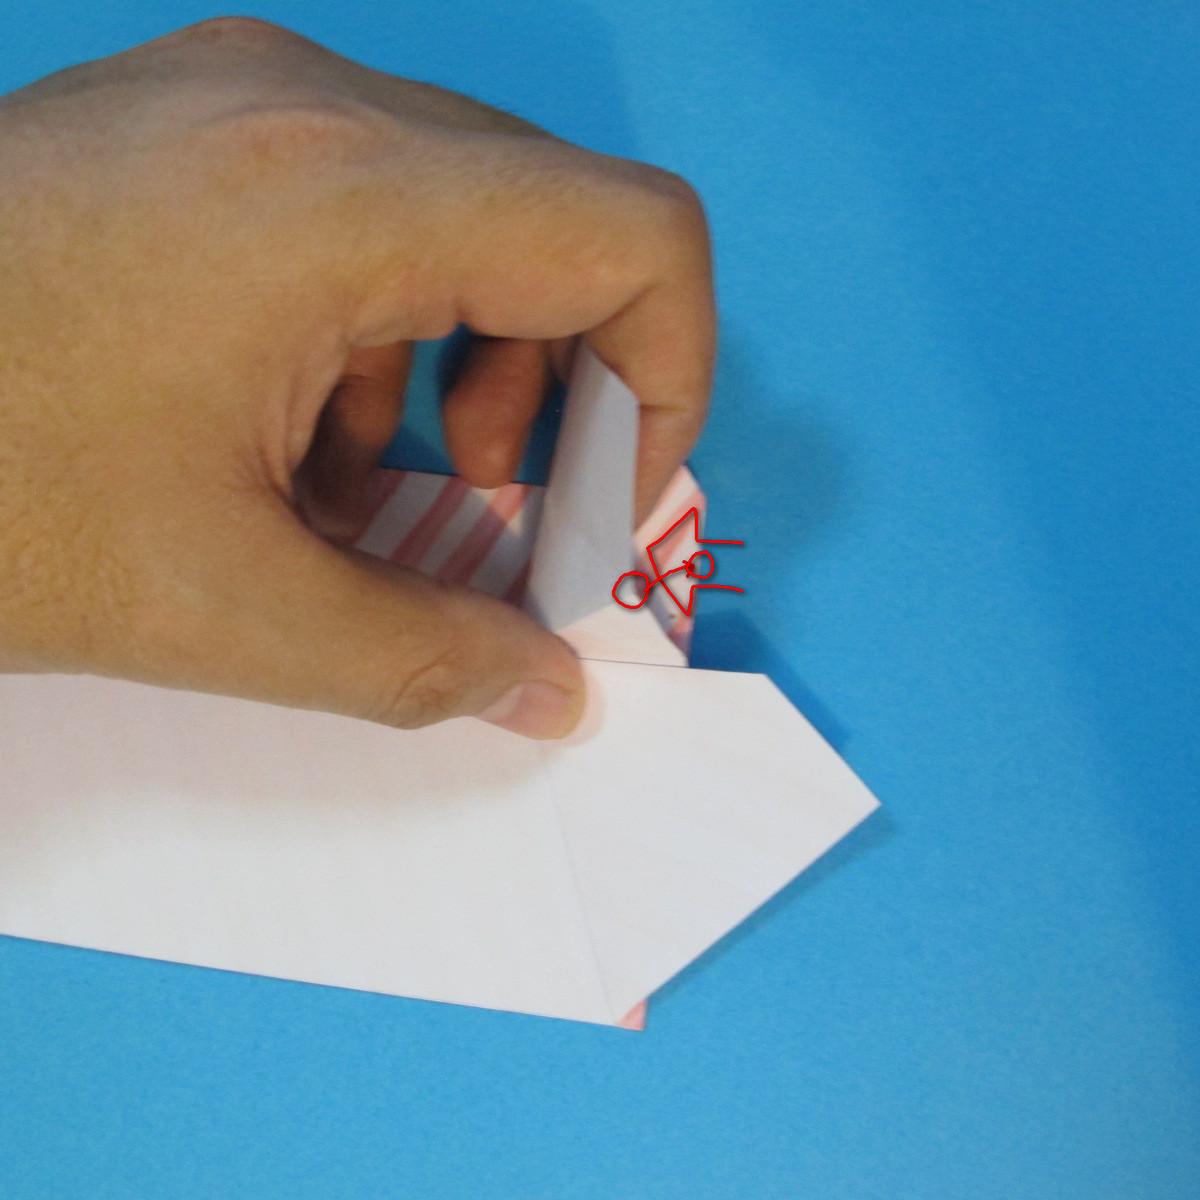 วิธีพับกล่องกระดาษรูปหัวใจส่วนฐานกล่อง 024